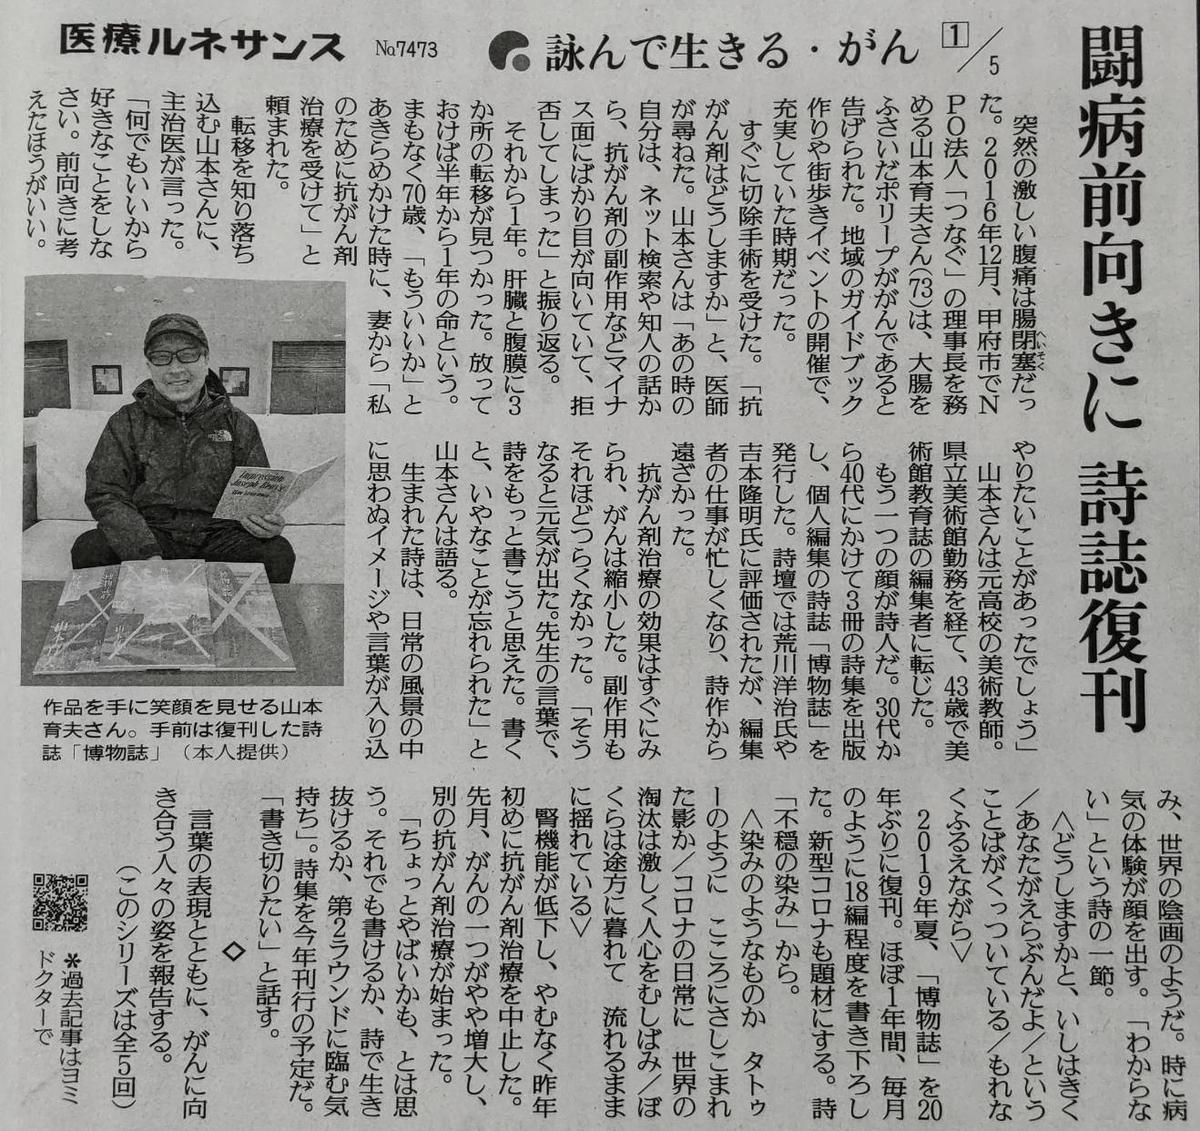 f:id:kazura-kobayashi:20210319171543j:plain